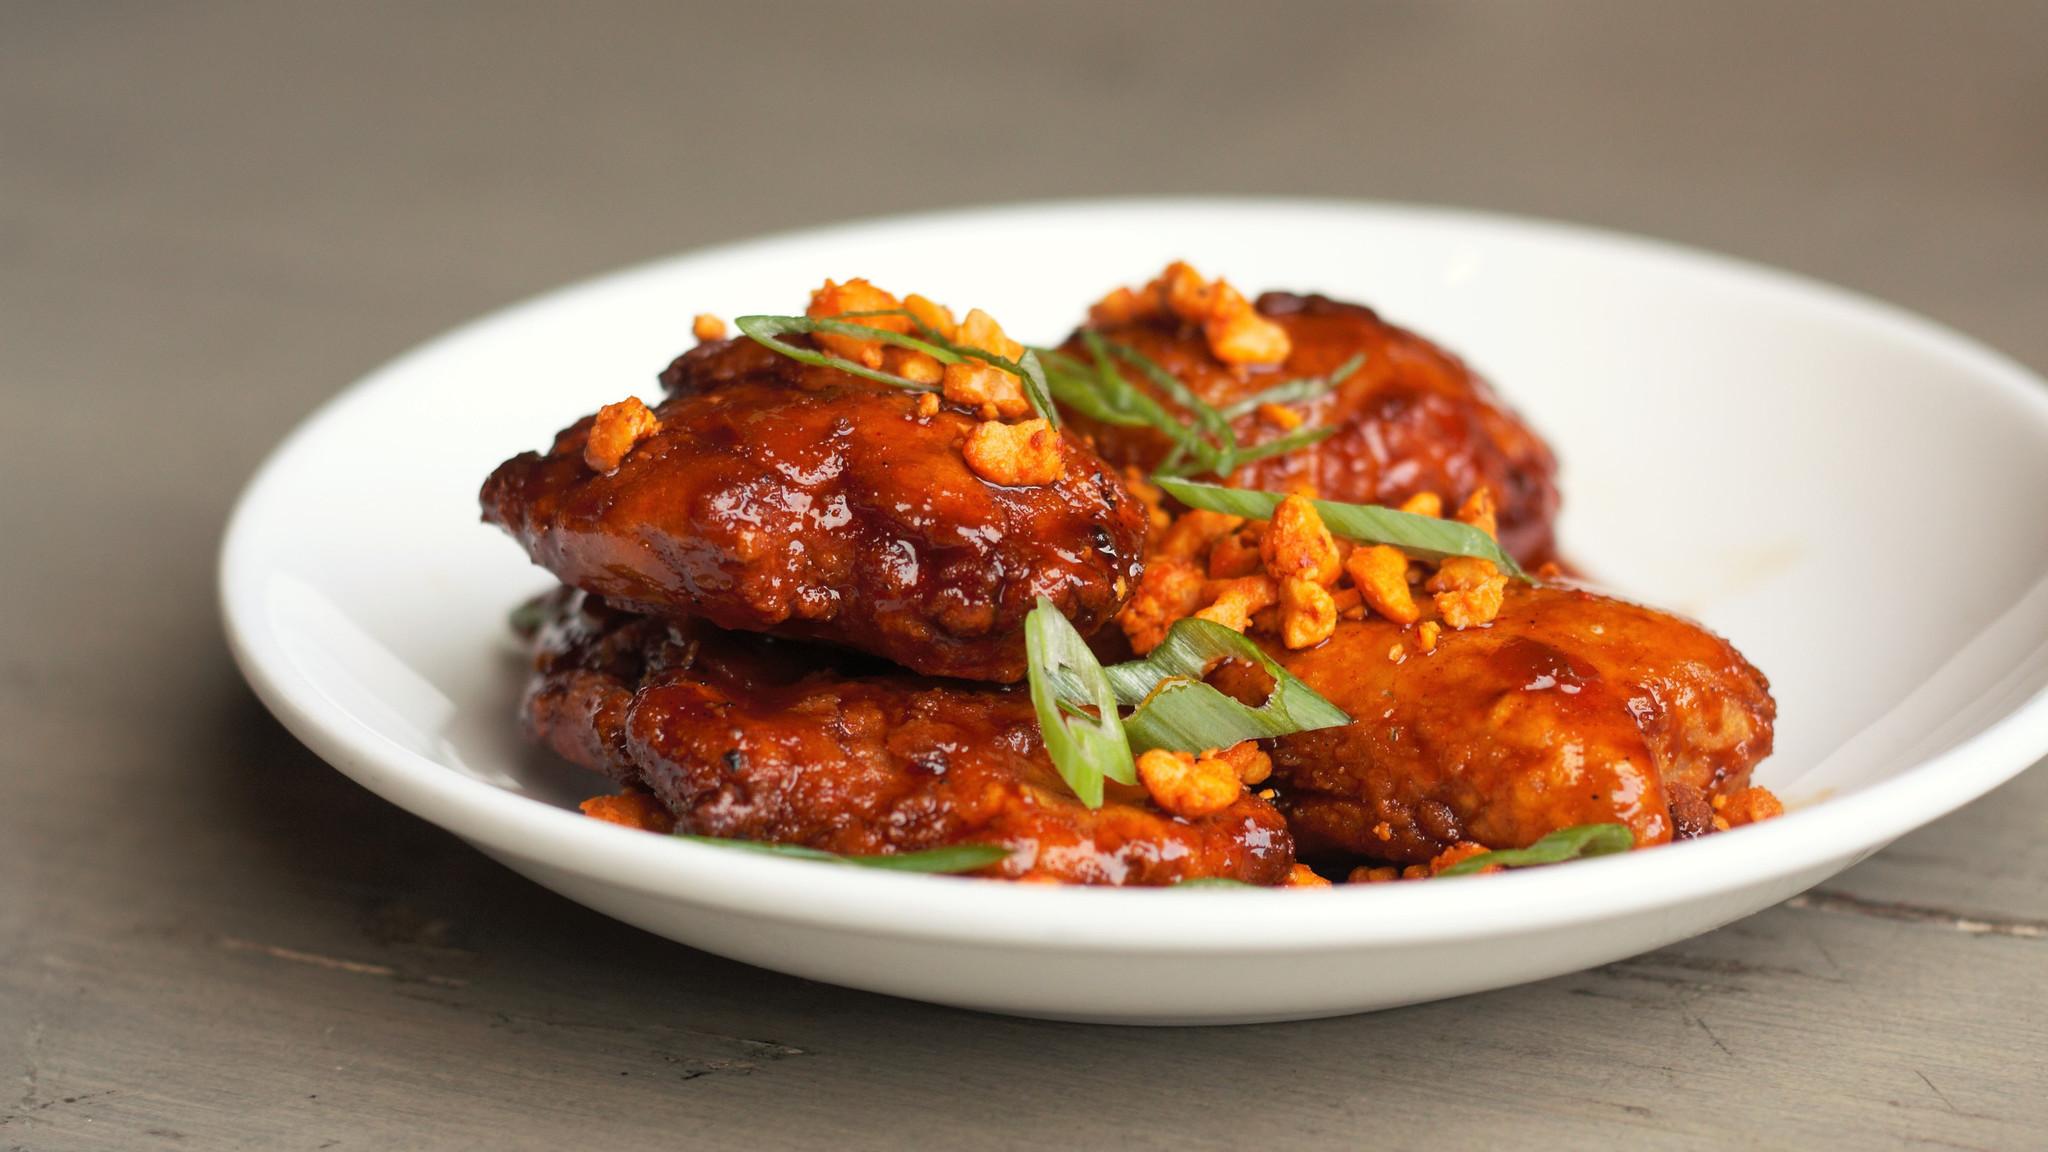 Forget Buffalo wings — Korean fried chicken is better